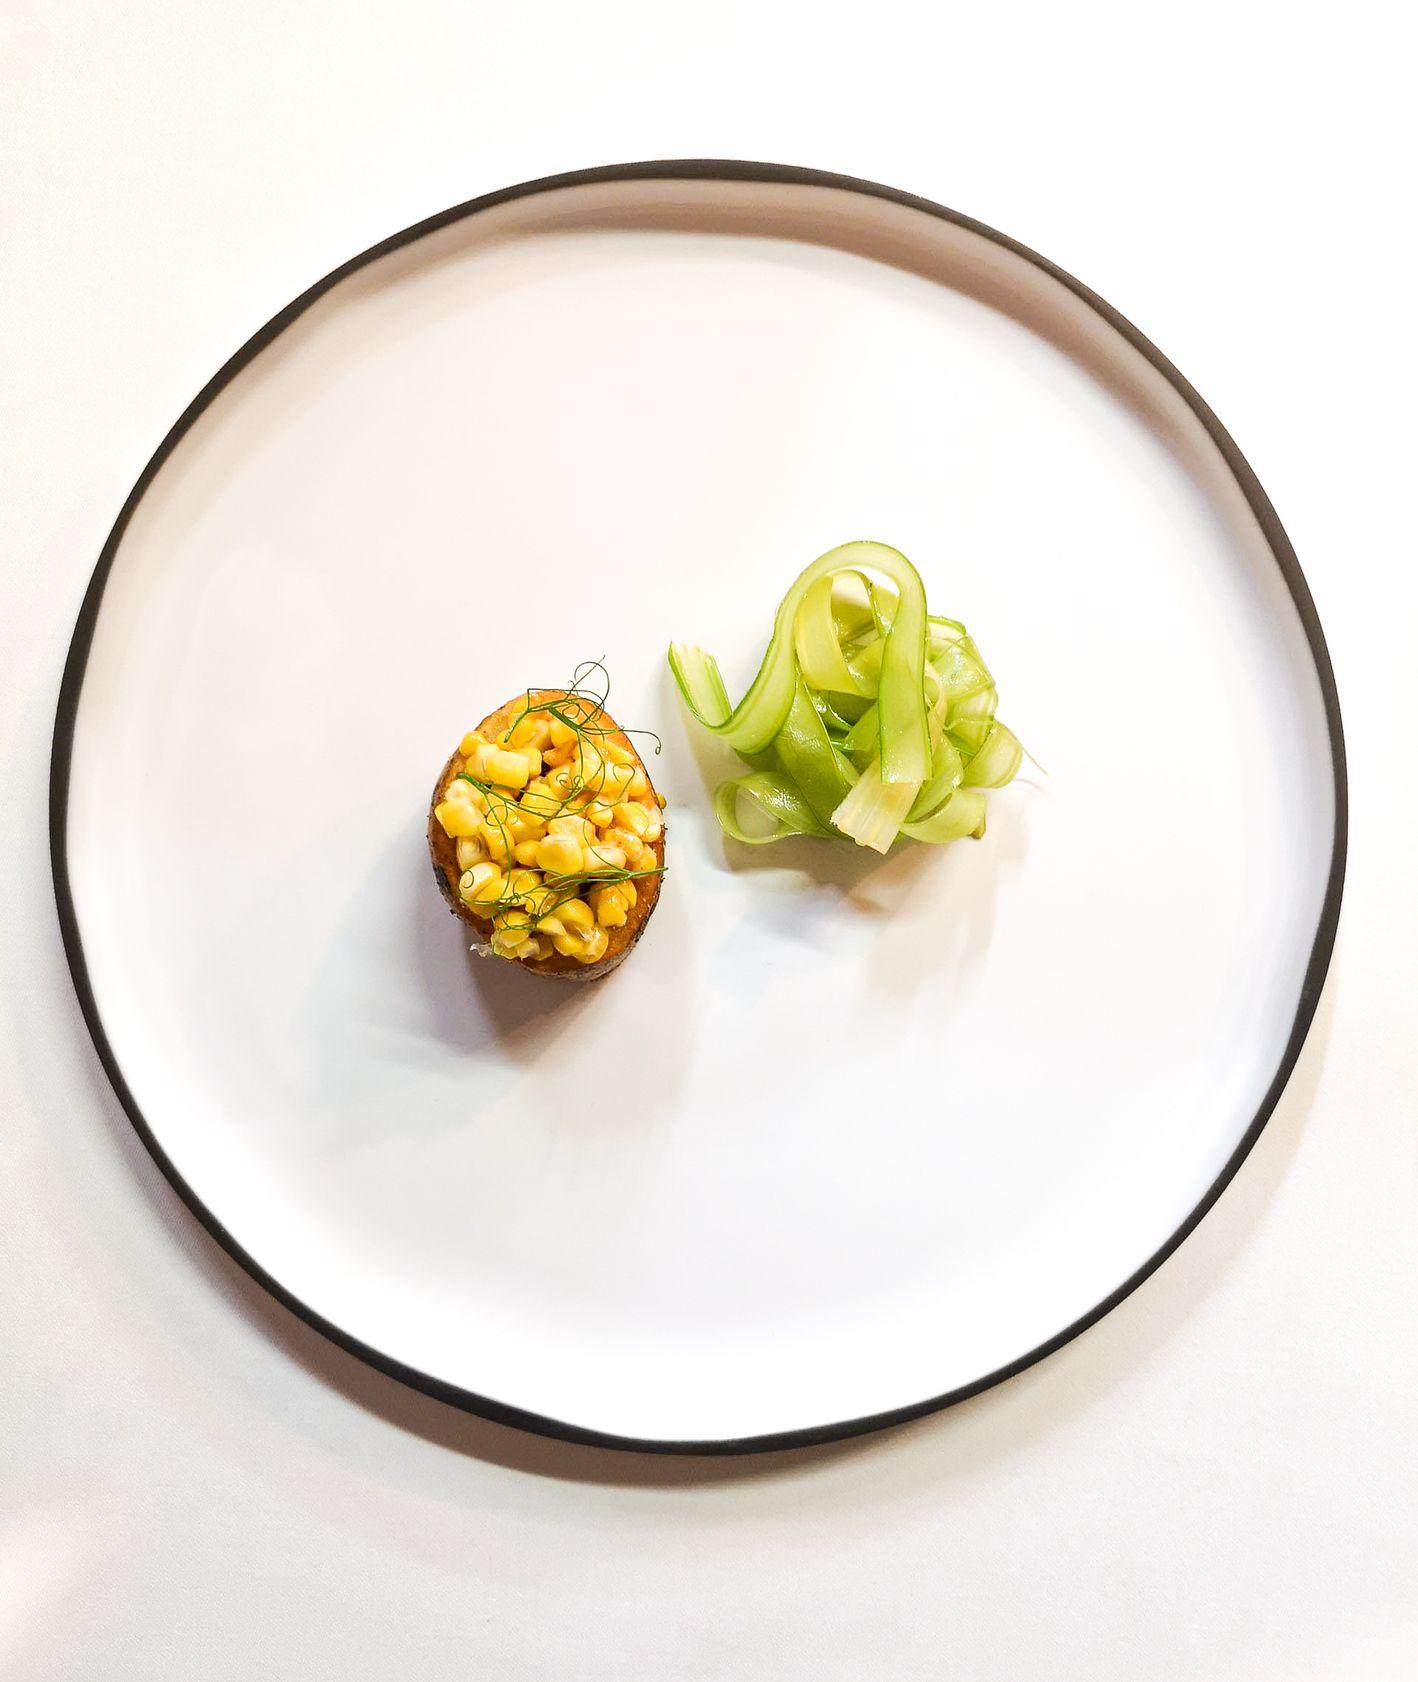 Danie z restauracji Albertina, podczas 9 edycji Fine Dining Week (fot. Bartek Kieżun)